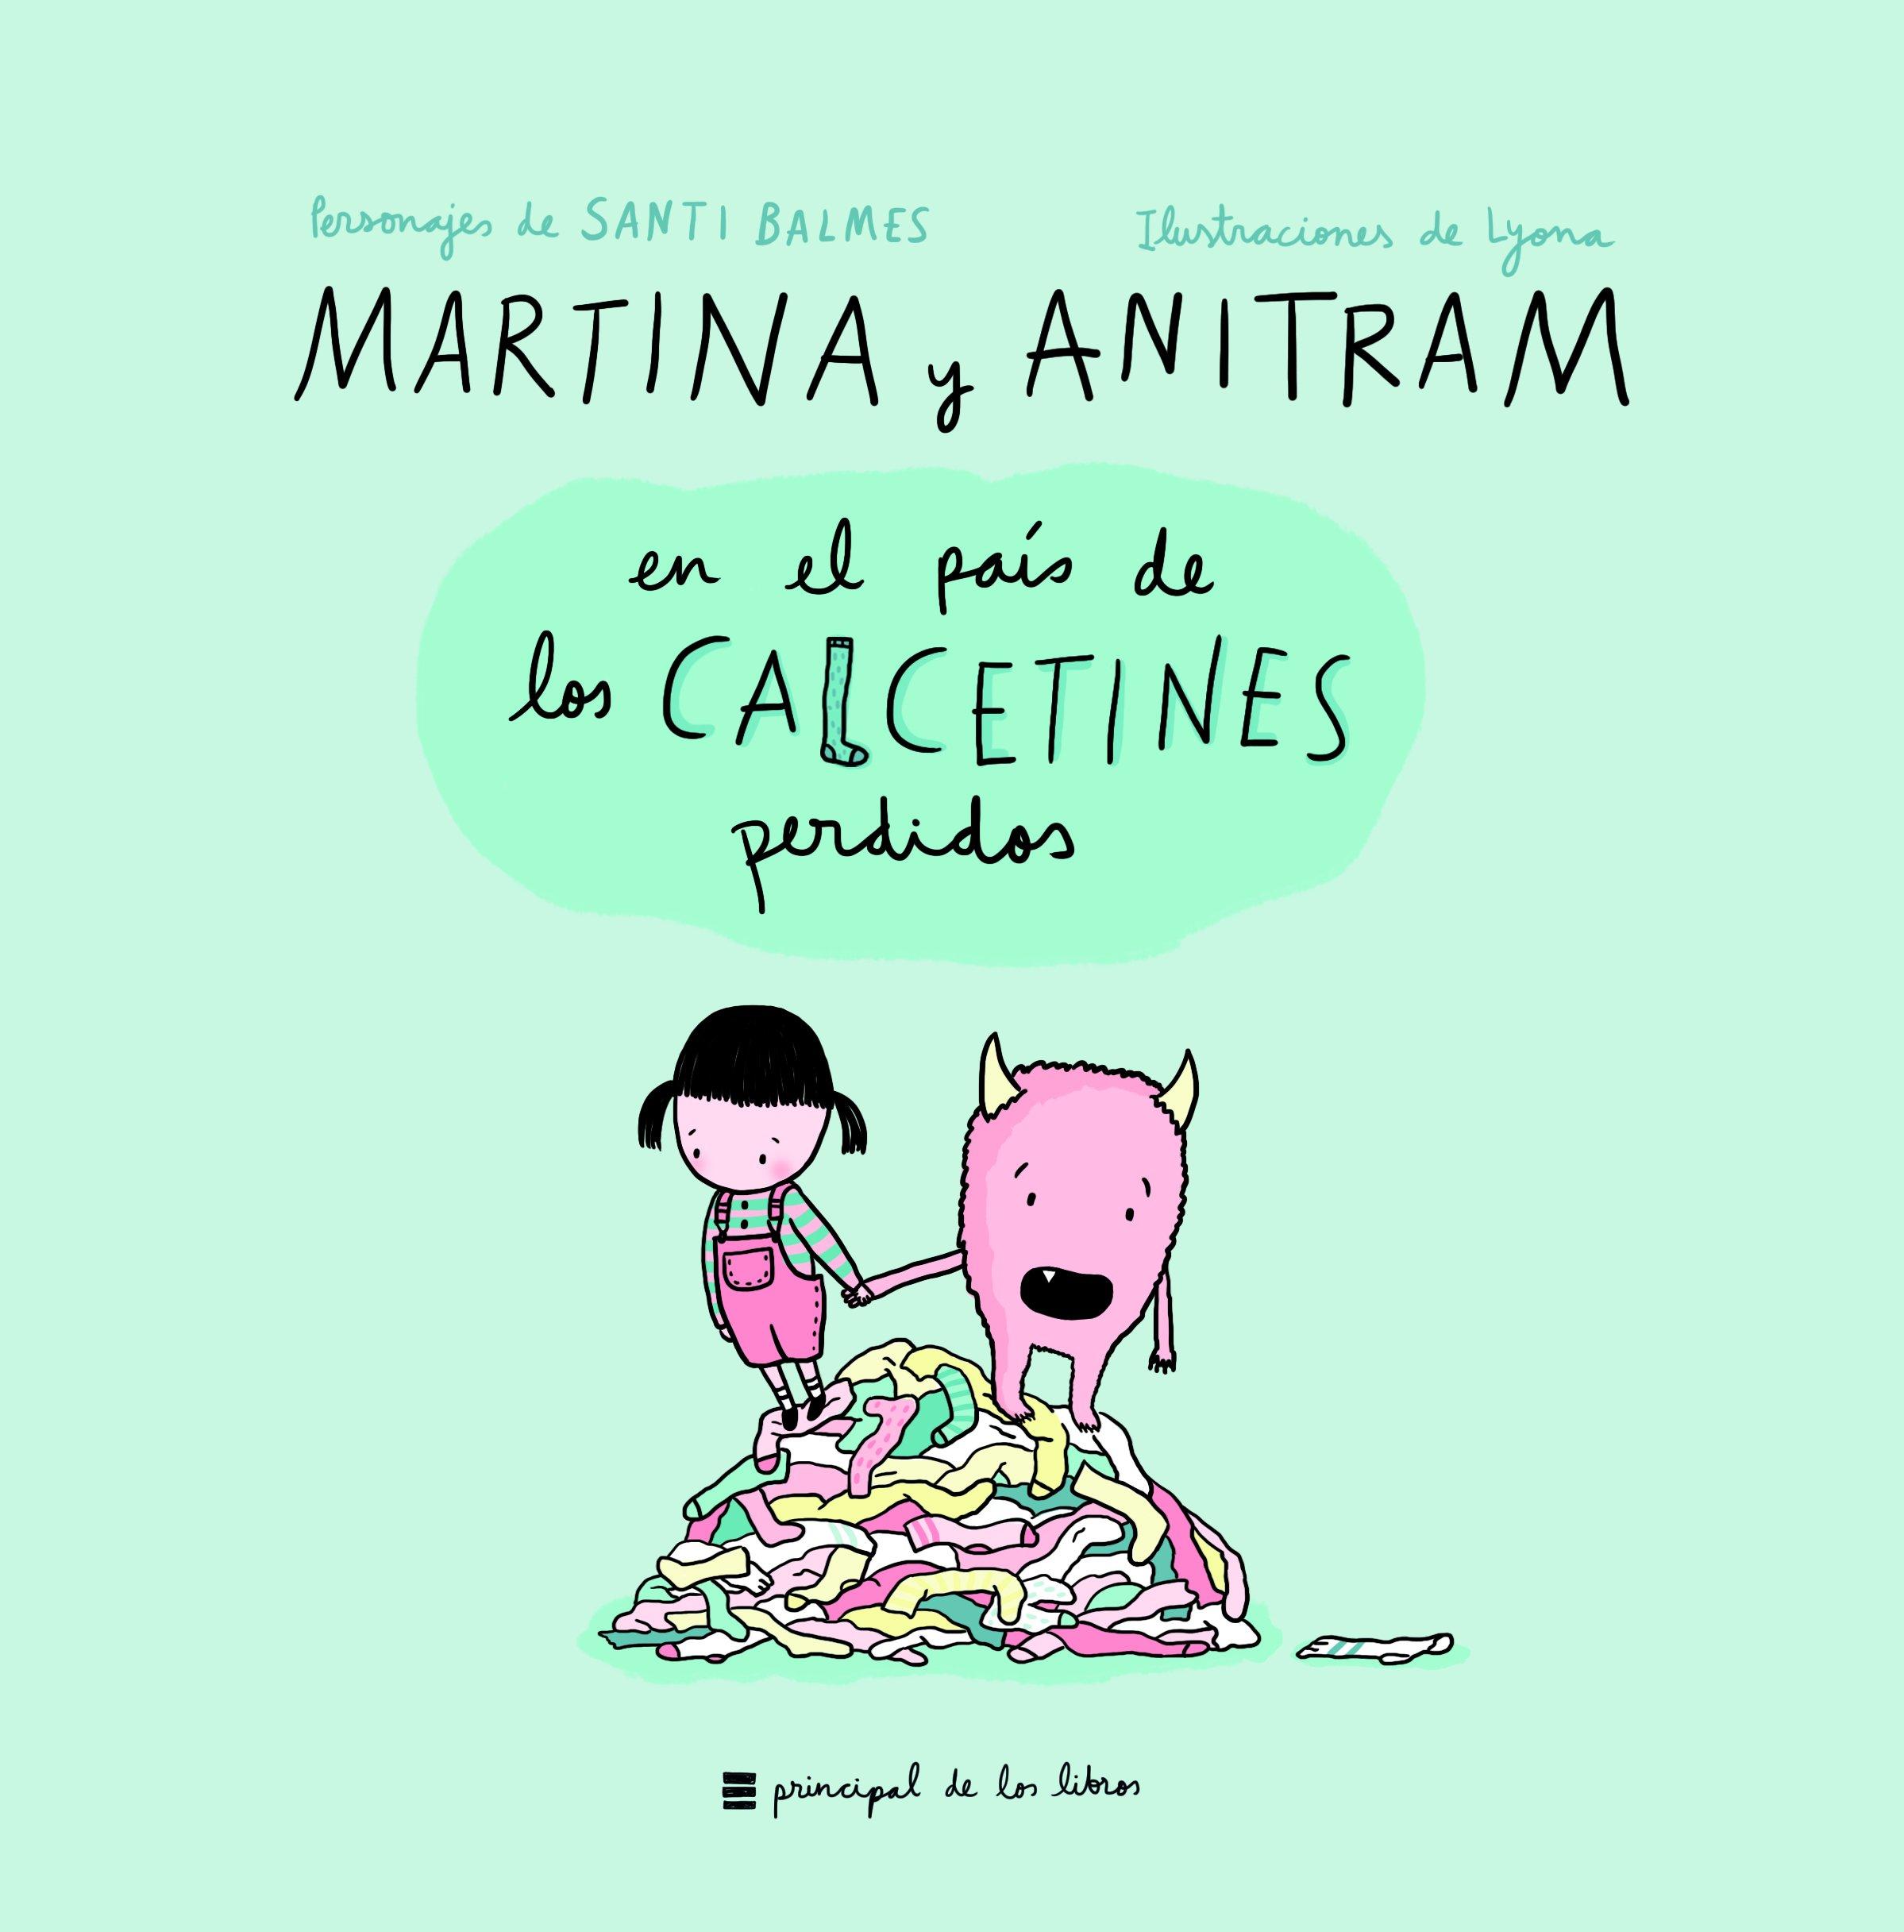 MARTINA Y ANITRAM EN EL PAIS DE LOS CALCETINES PERDIDOS: VARIOS AUTORES: 9788416223848: Amazon.com: Books